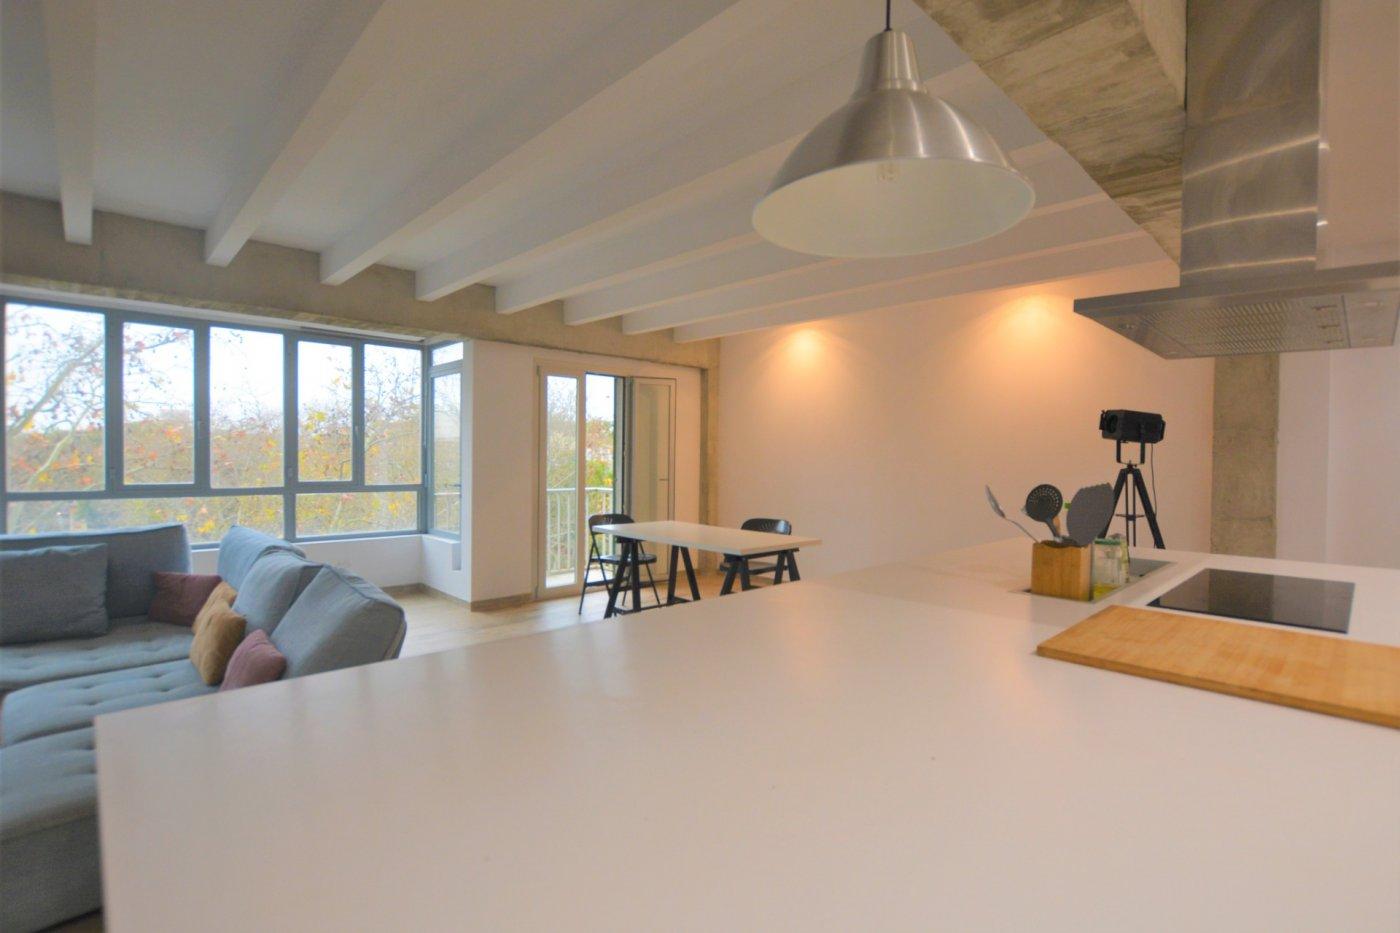 Increíble piso recientemente reformado. - imagenInmueble21